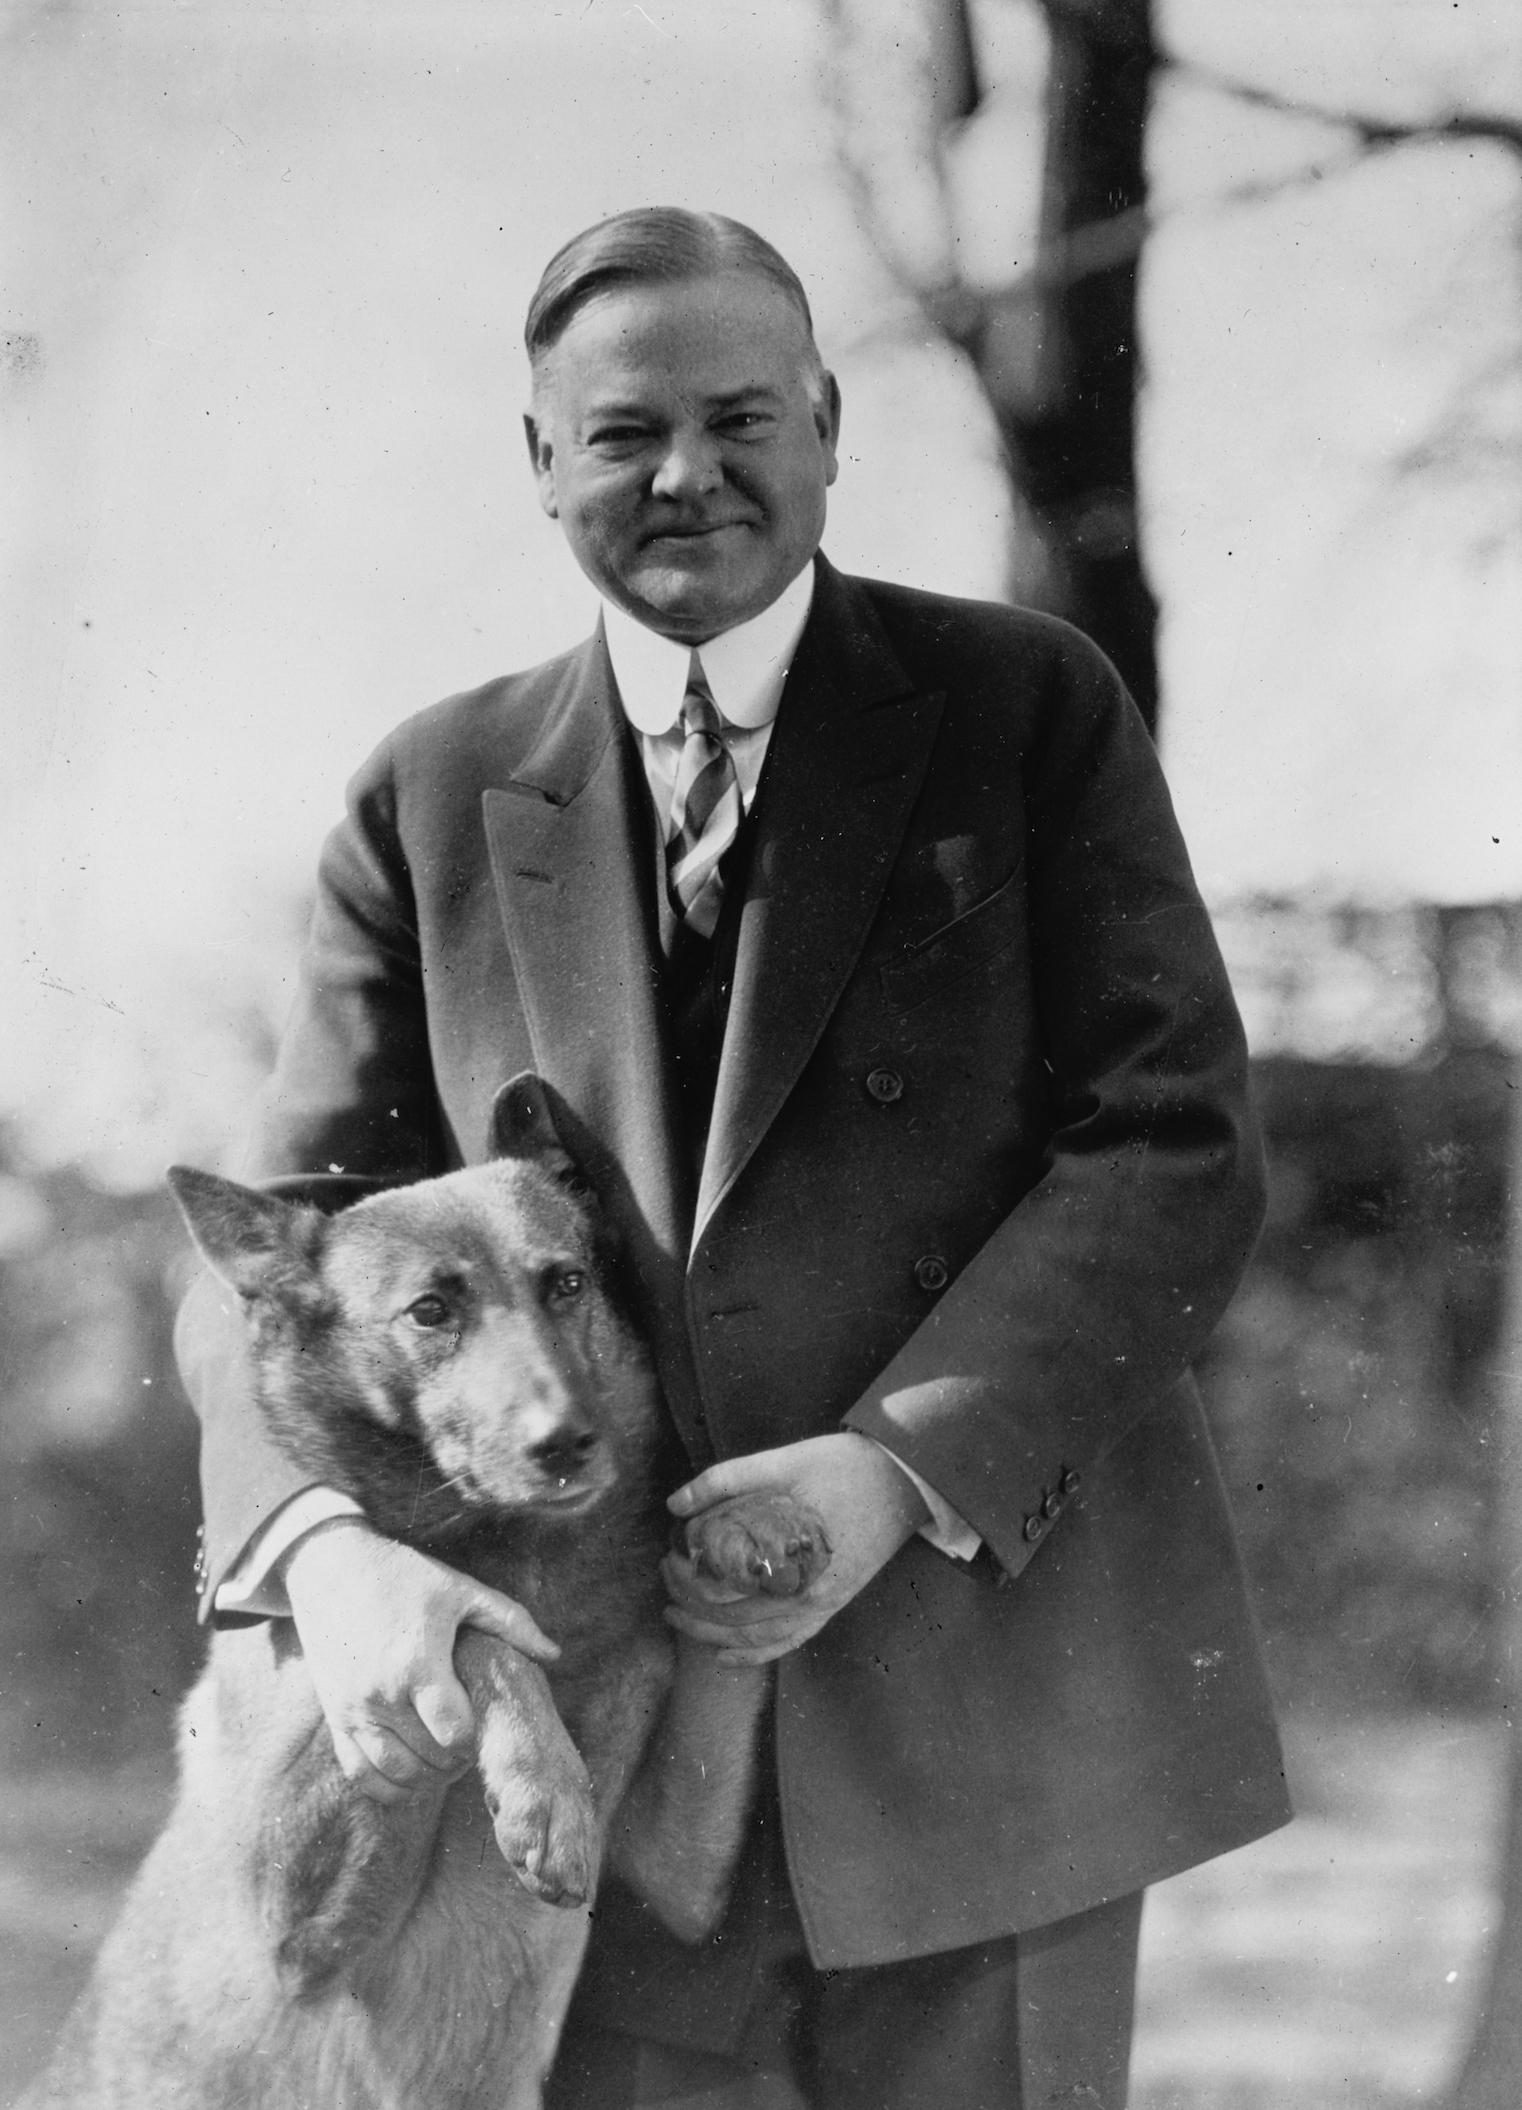 Herbert hoover dog